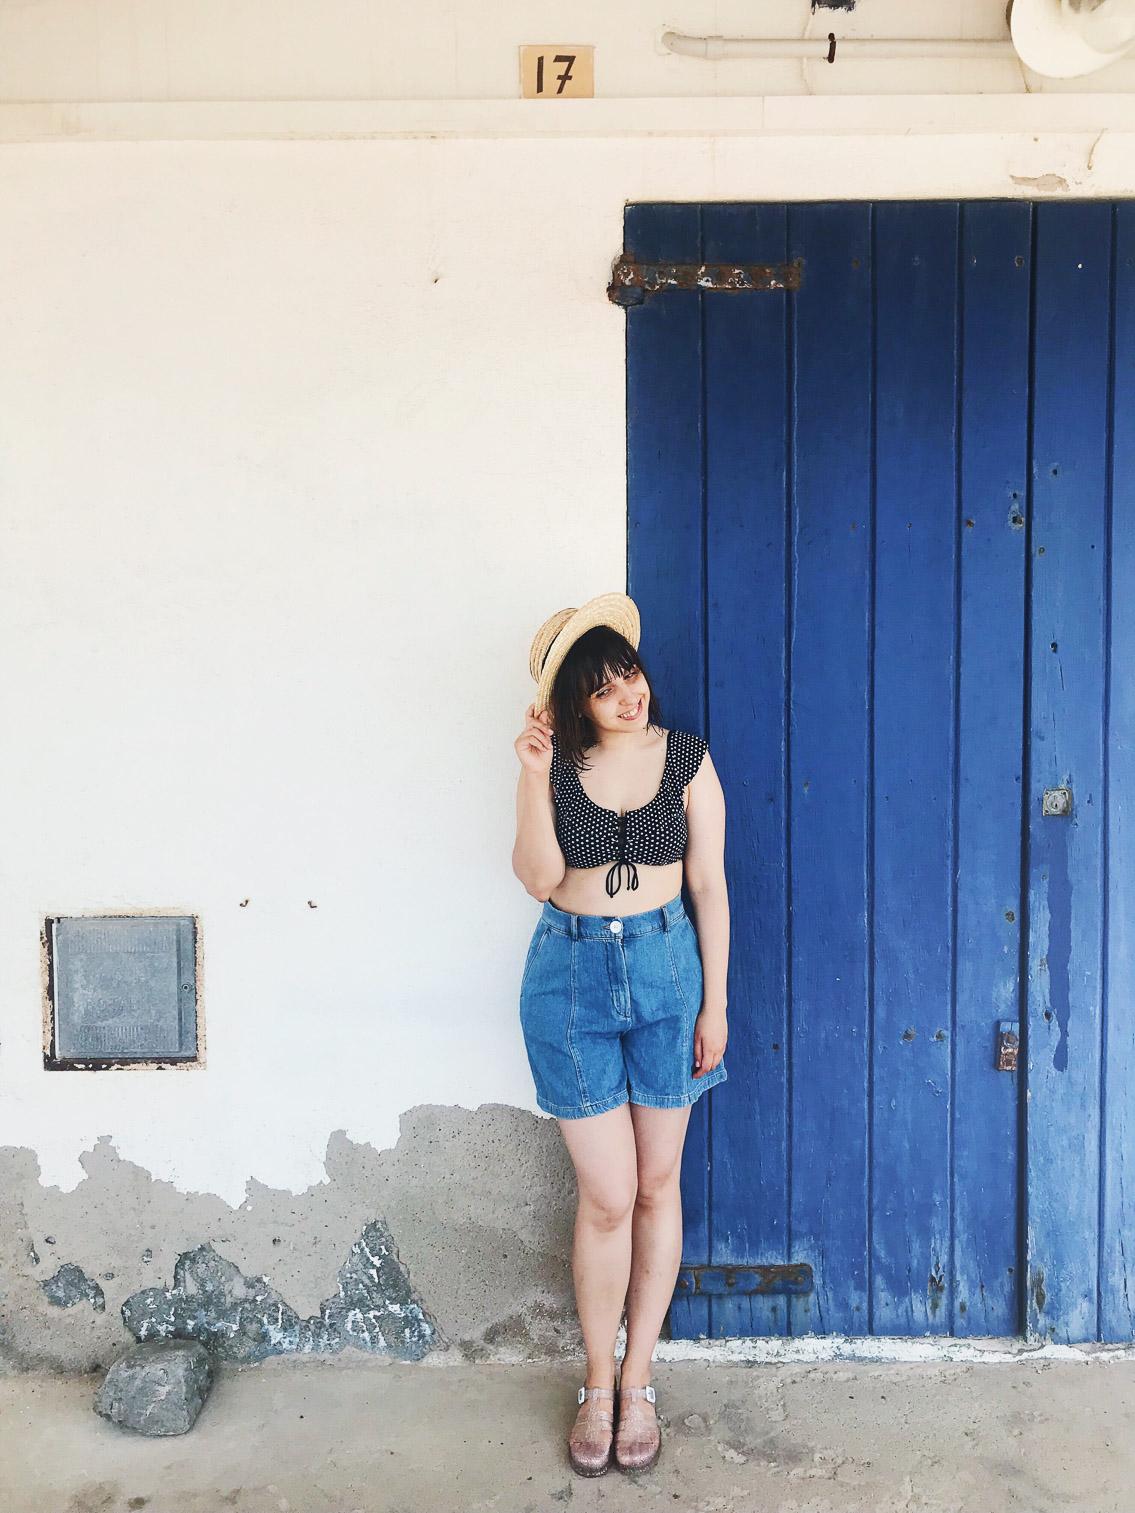 Costa Brava blue door - The cat, you and us